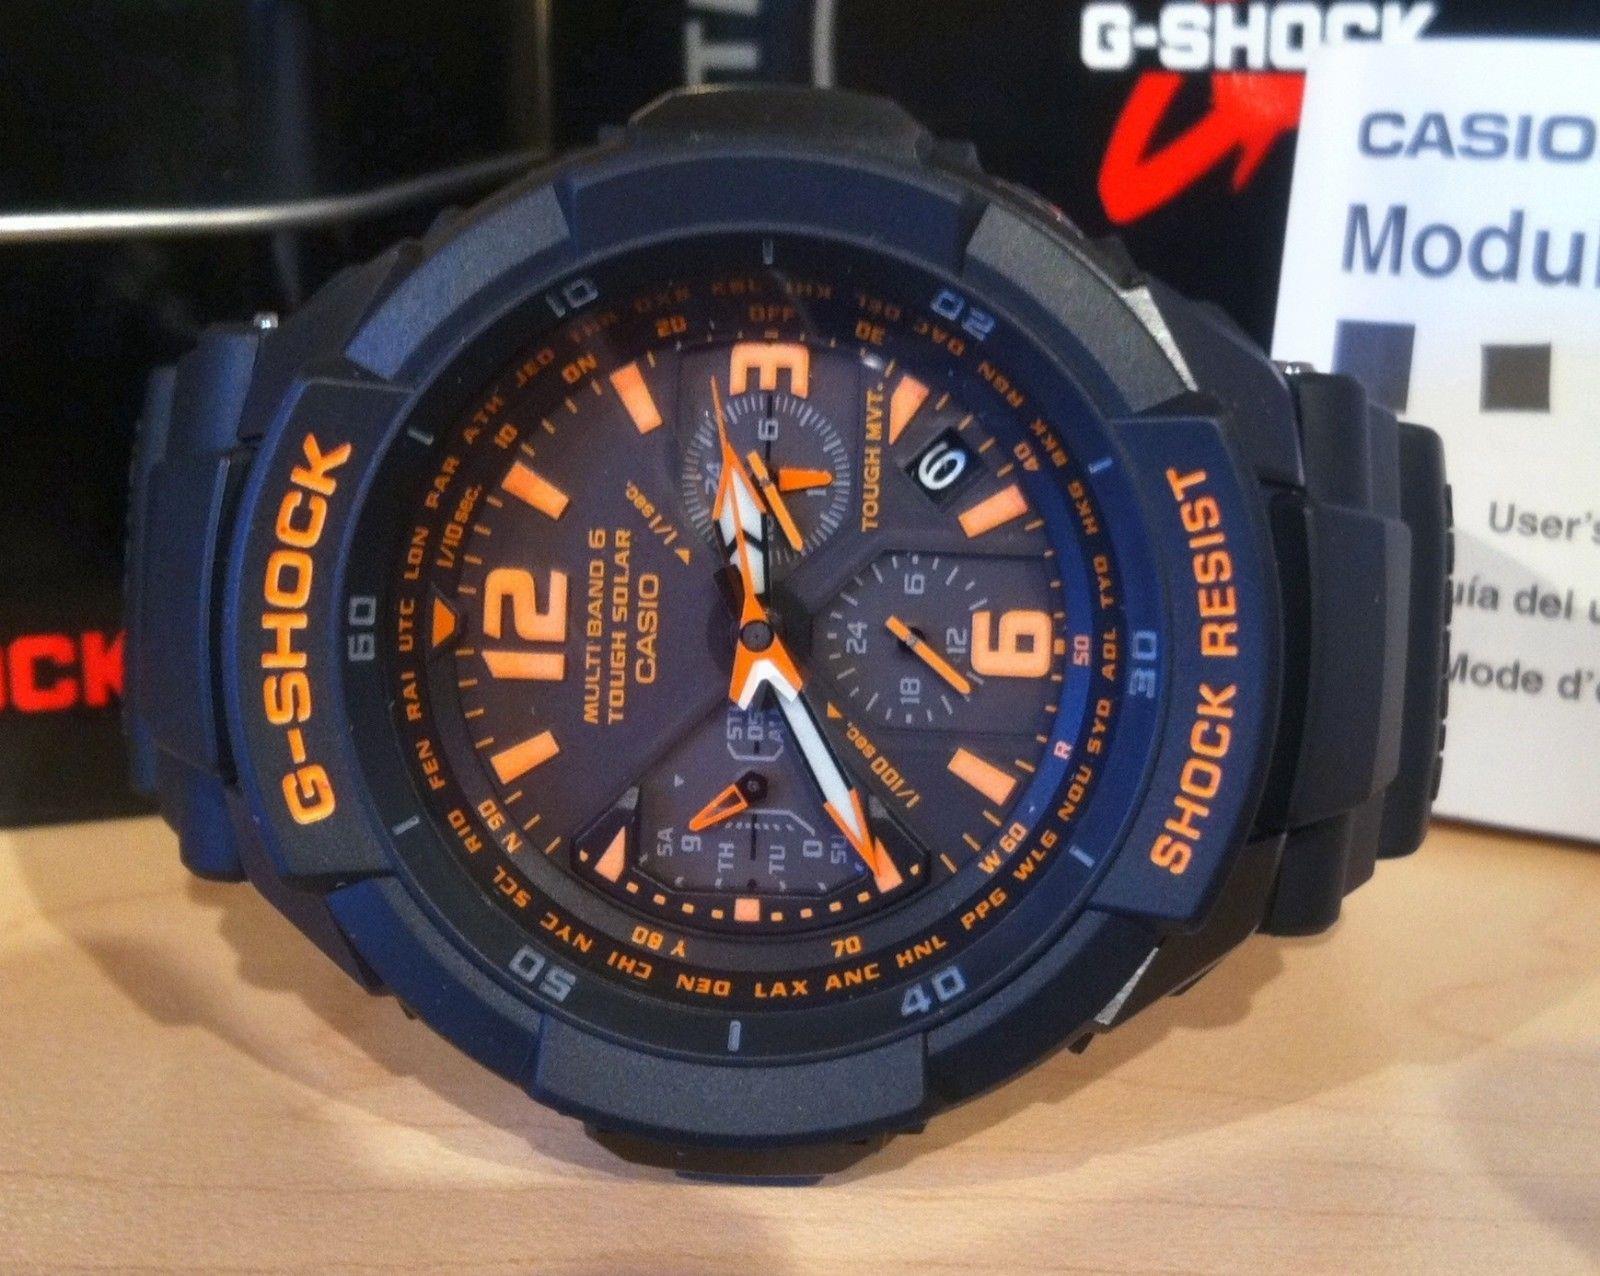 Montre Casio Bande GW 3000 B 2 bleu caoutchouc bracelet  i9OTY